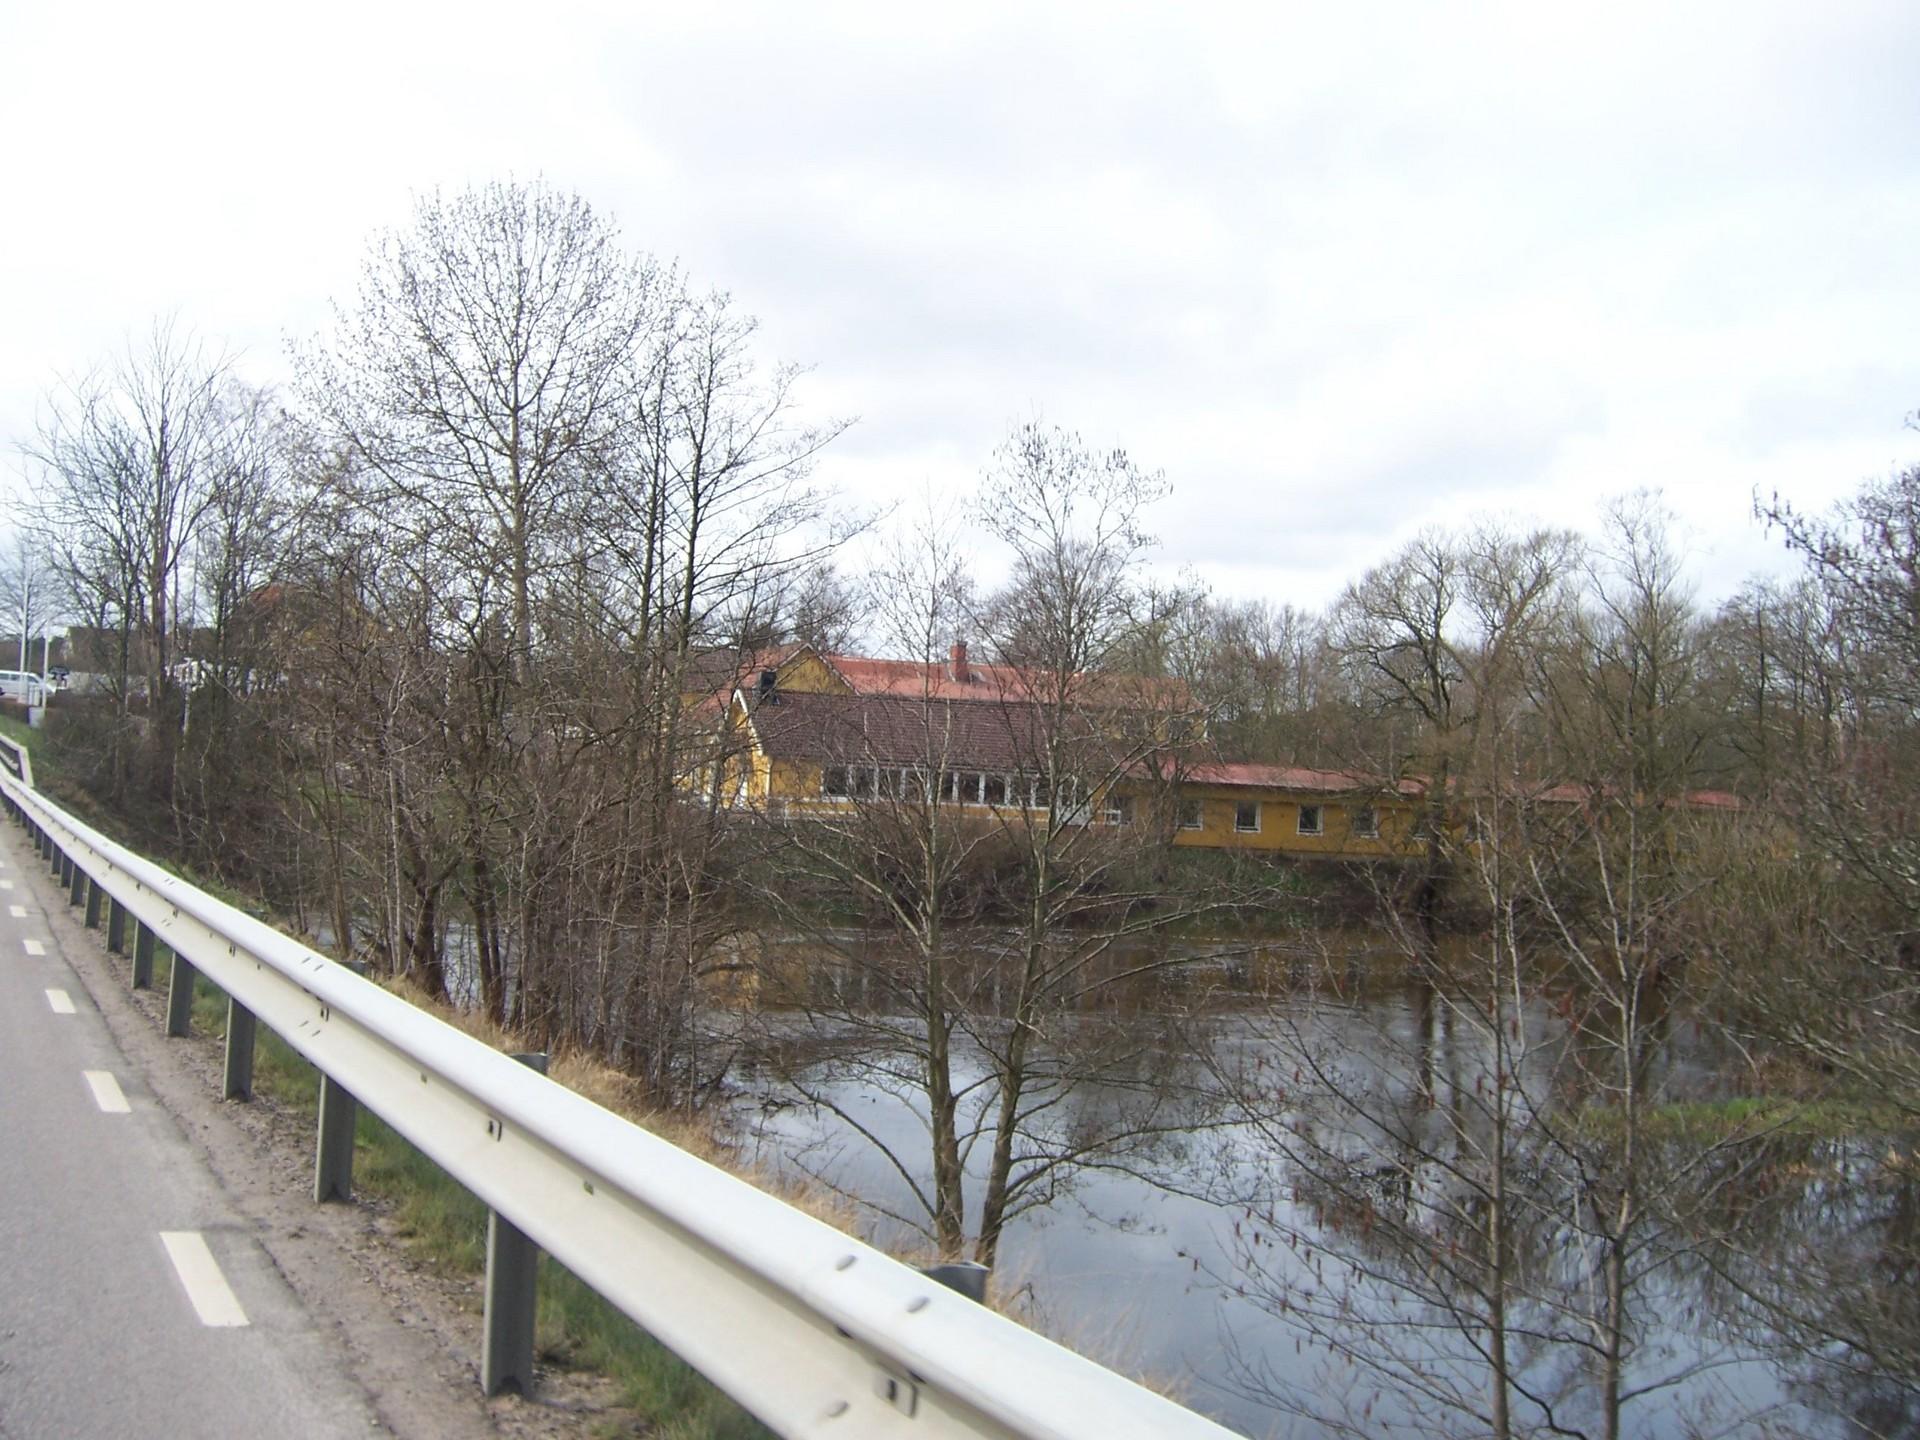 Ljungbyhed, Skåne